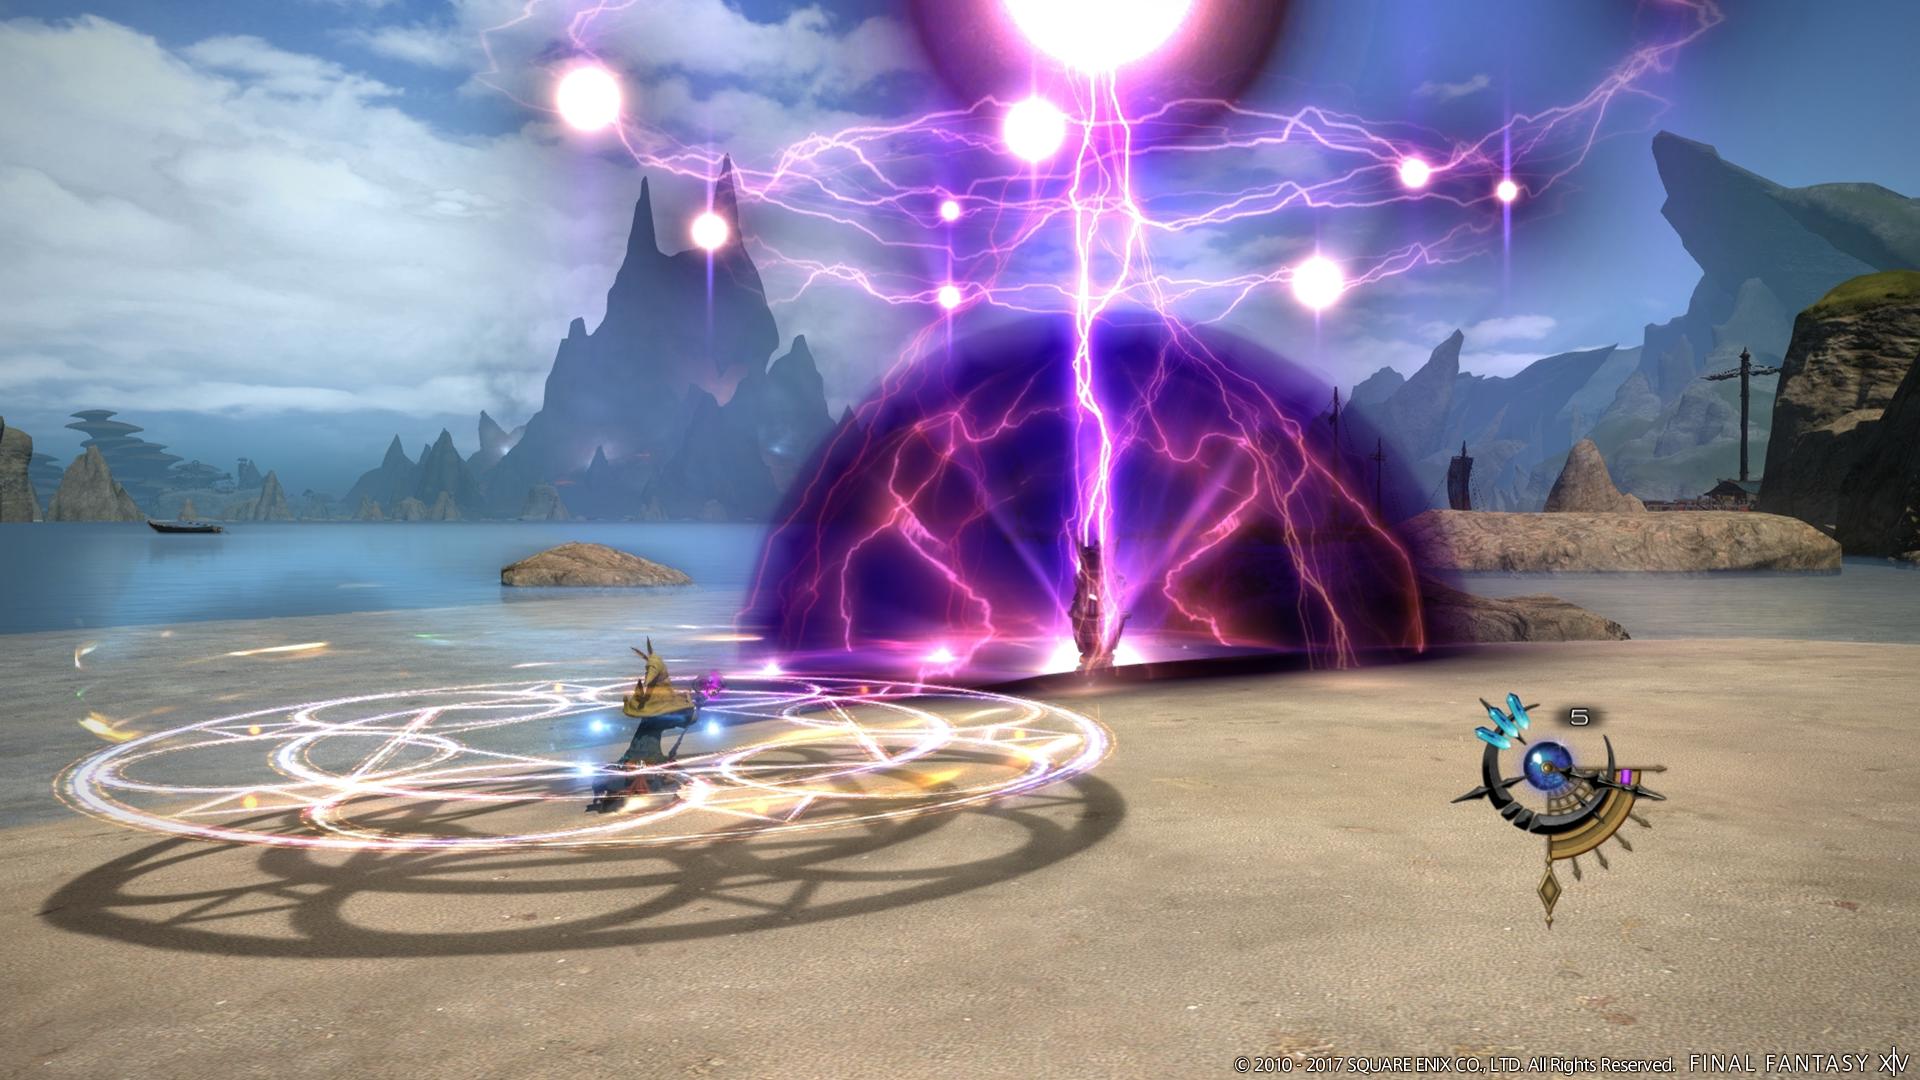 魔 道士 黒 ff14 遠隔魔法DPS(黒魔道士/召喚士/赤魔道士)のロールアクションの効果まとめ|修得レベルや性能まとめ